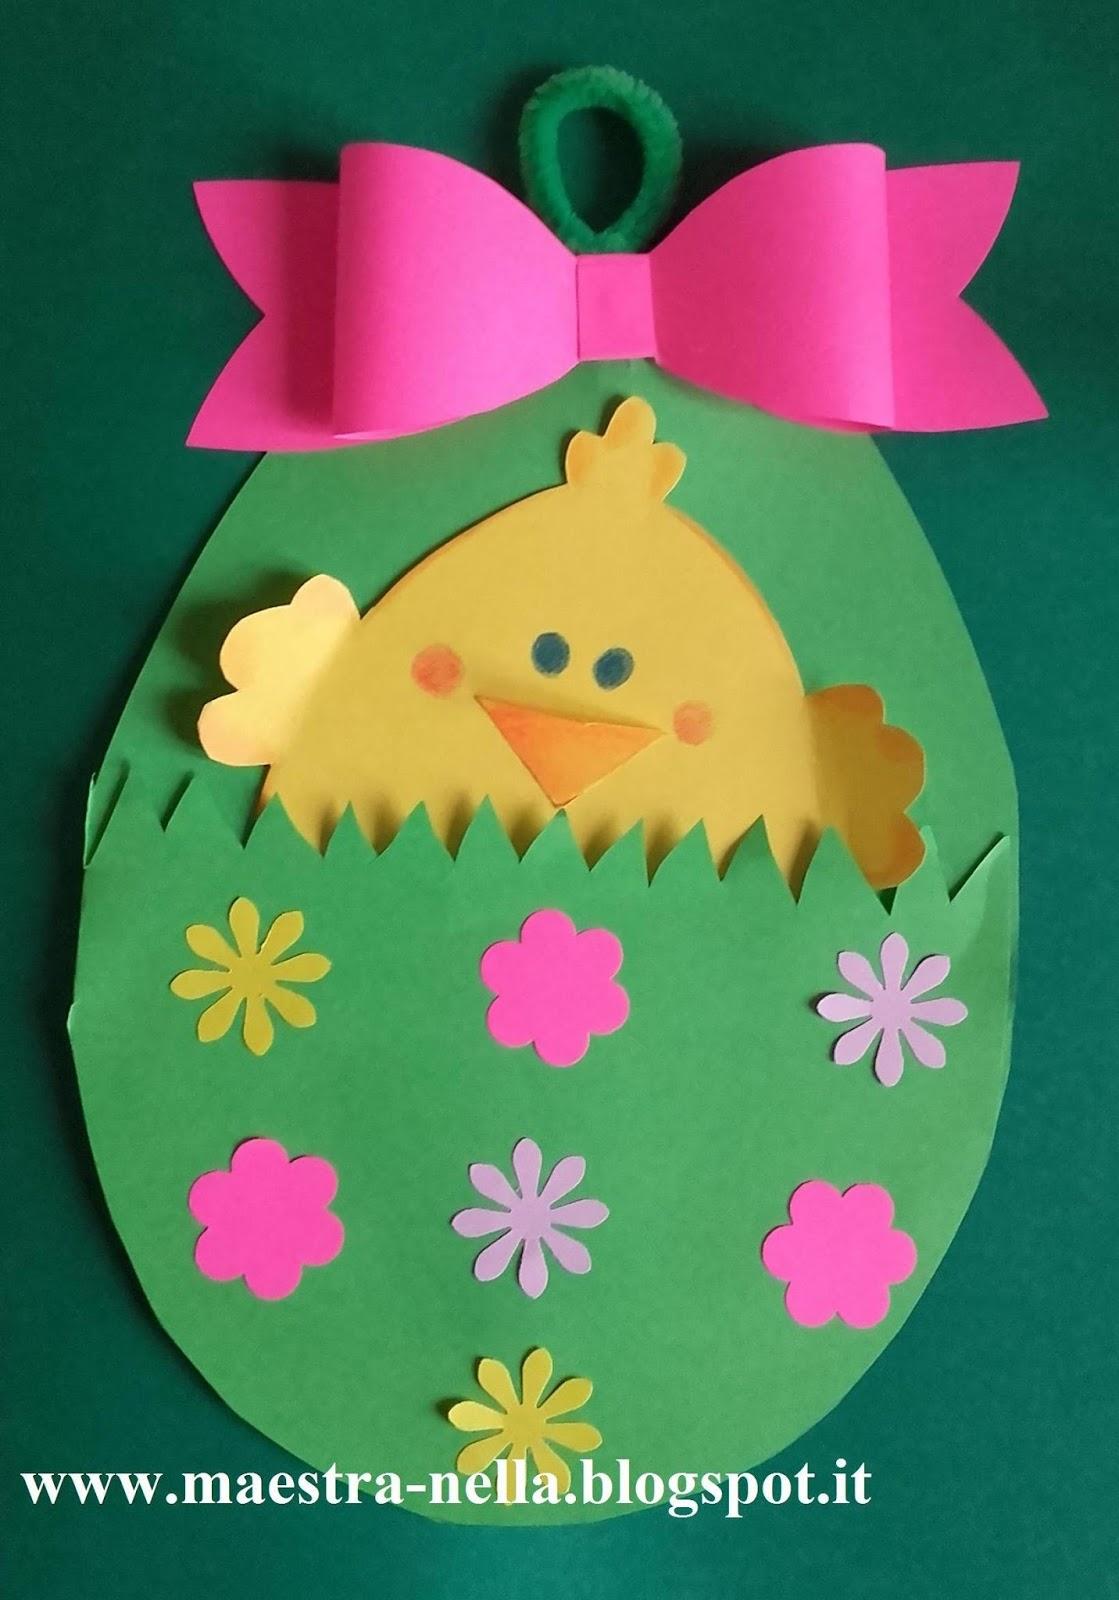 Maestra nella uovo con sorpresa for Cerco in regalo tutto per bambini